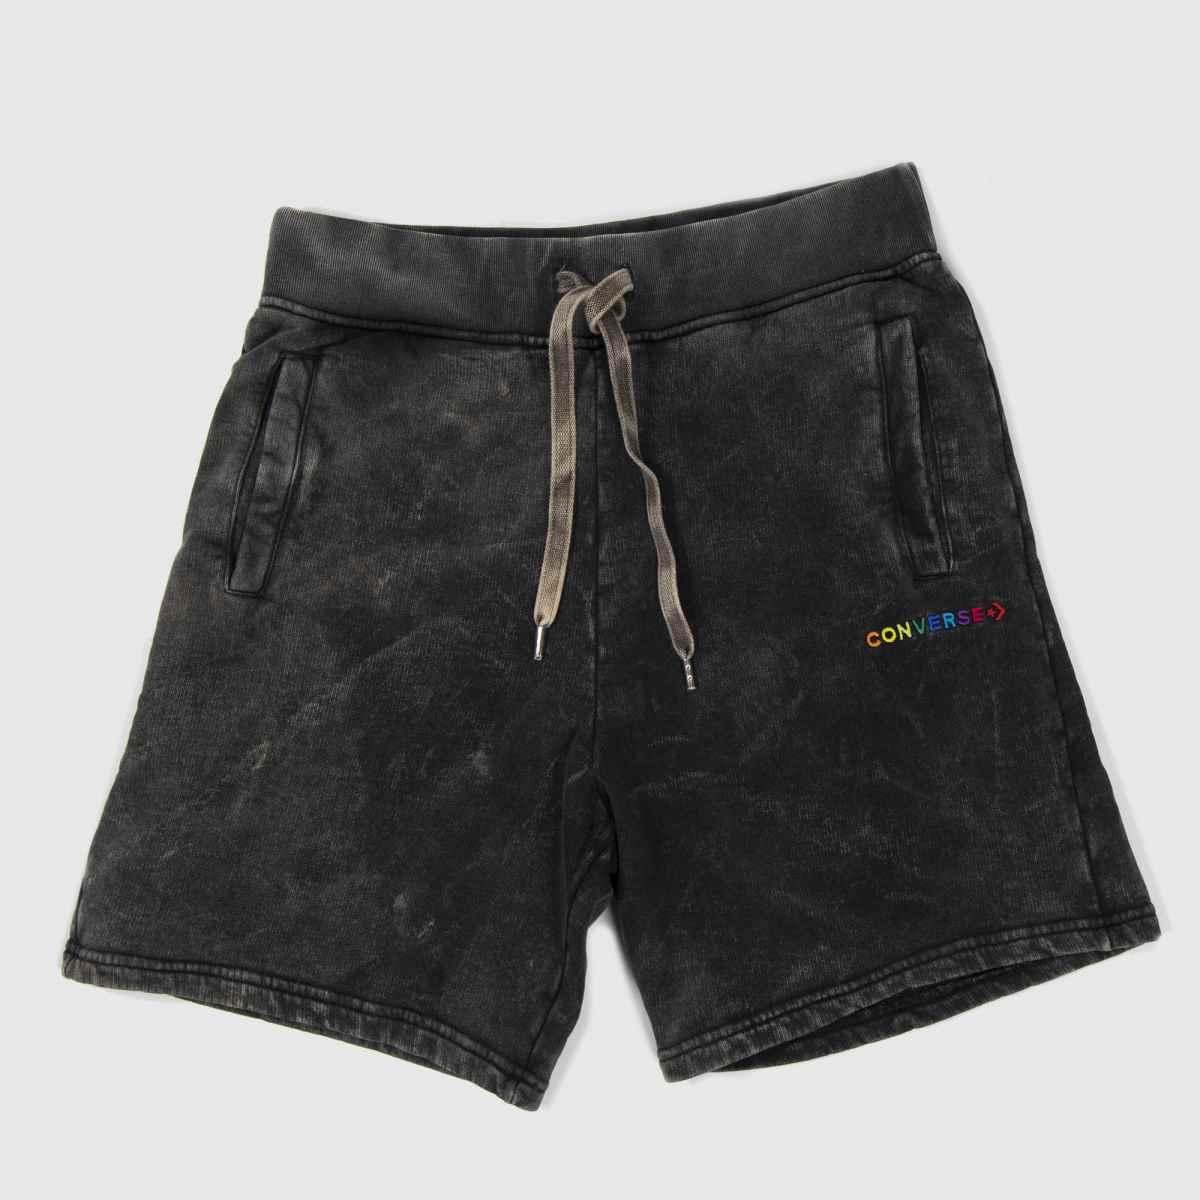 Converse Black Pride Bermuda Short